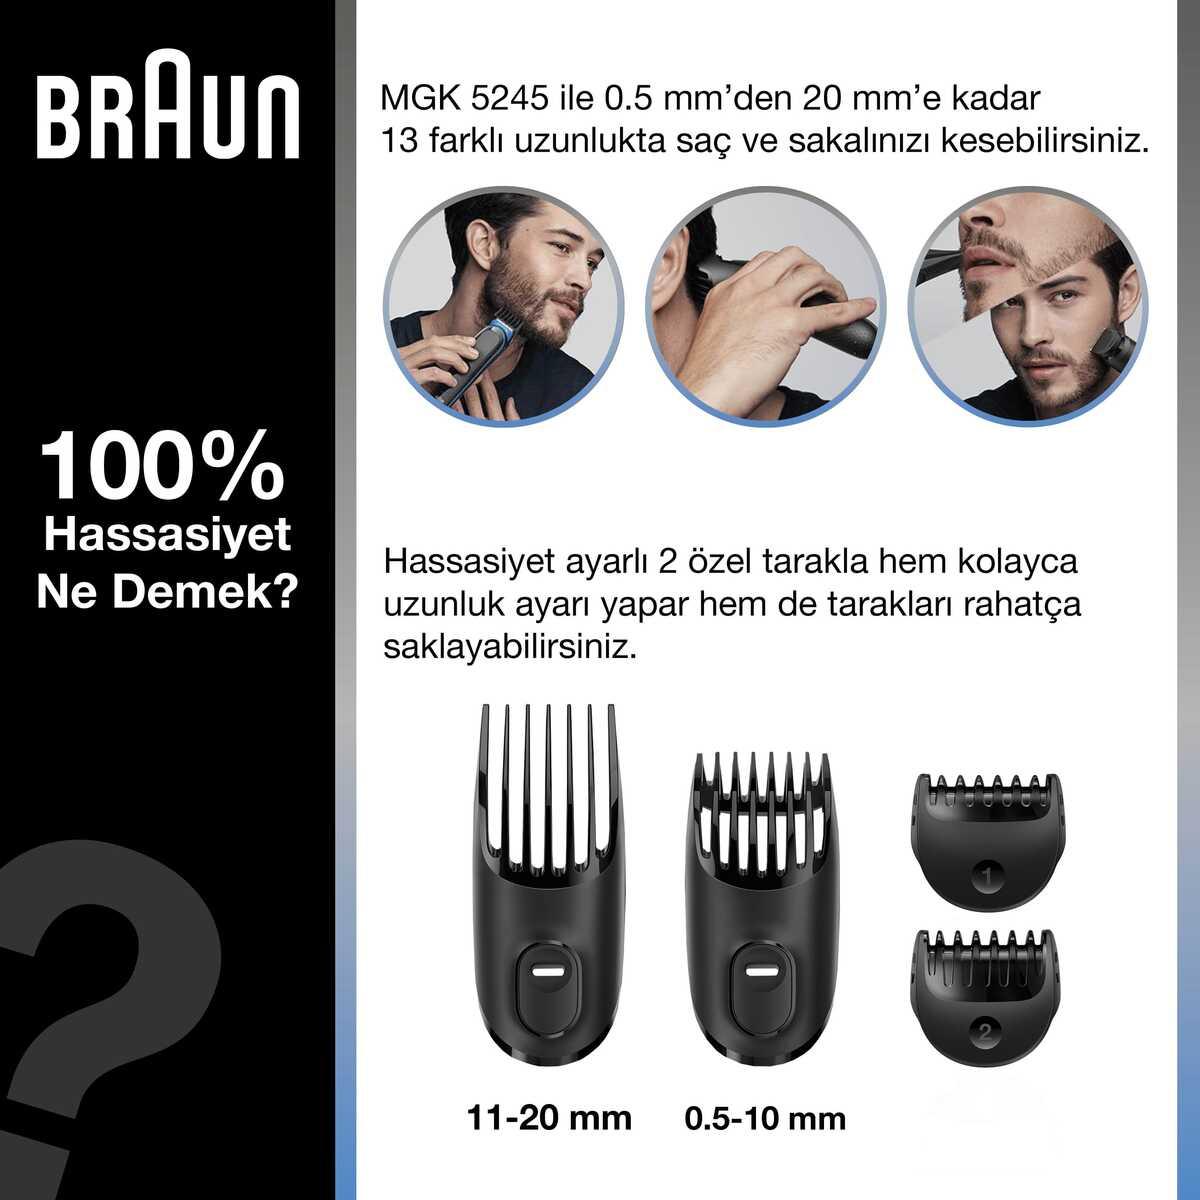 Braun MGK 5245 Erkek Bakım Kiti 7in1 Şekillendirici + Gillette Hediye